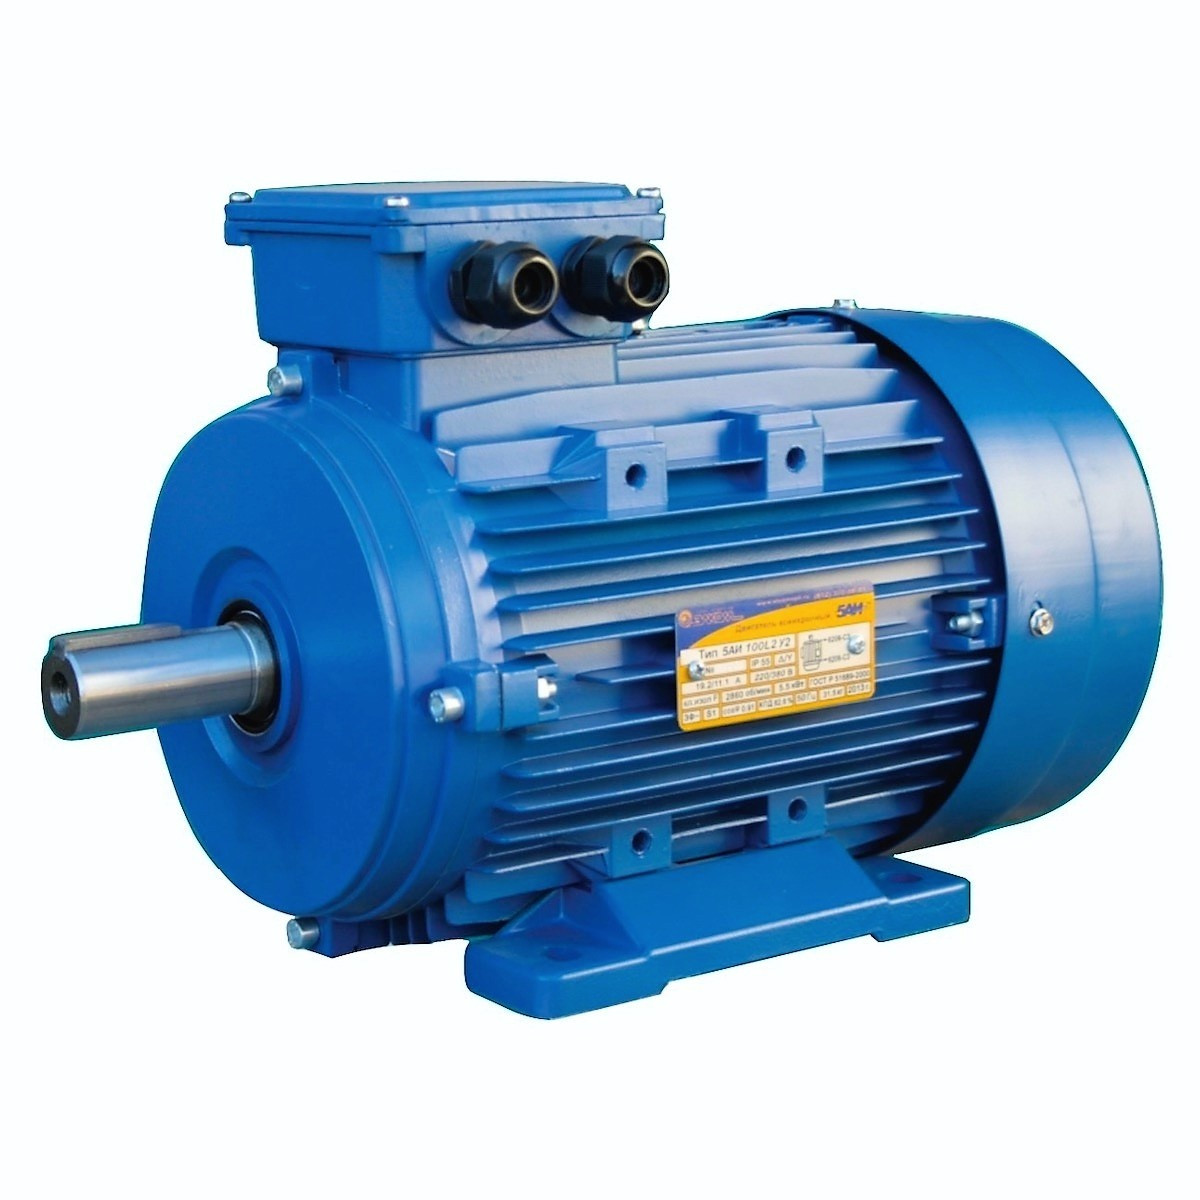 Эл/двигатель 5АИ 132 M2 11кВт, 3000 об/мин, лапы